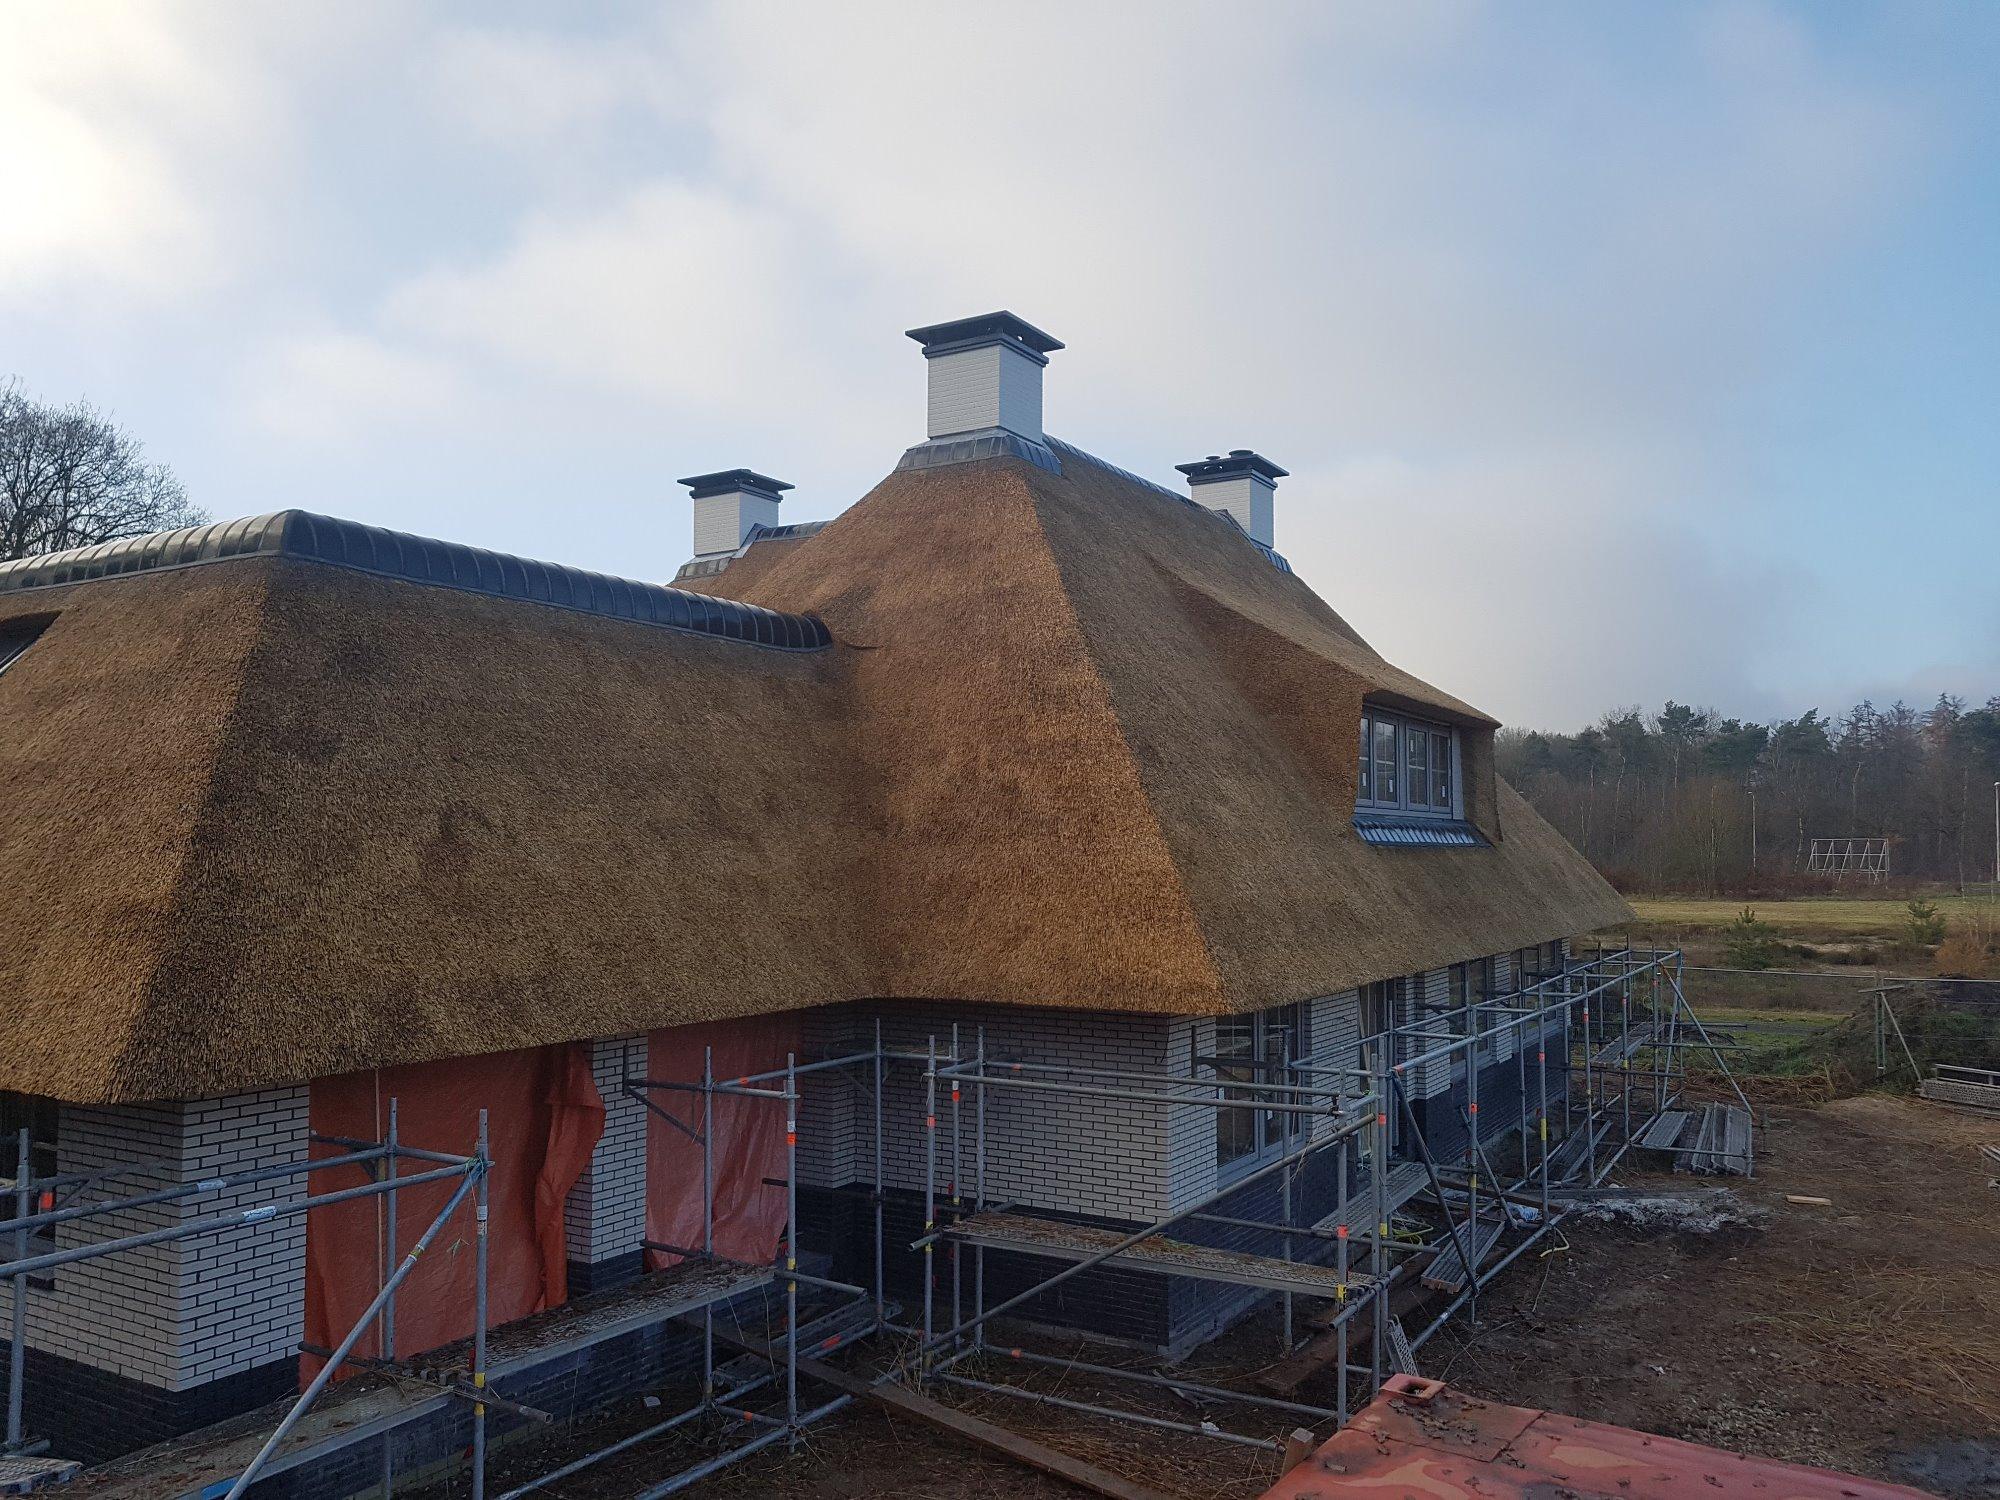 Rieten dak nieuwbouw villa te apeldoorn door zantingh for Boerderij te koop apeldoorn